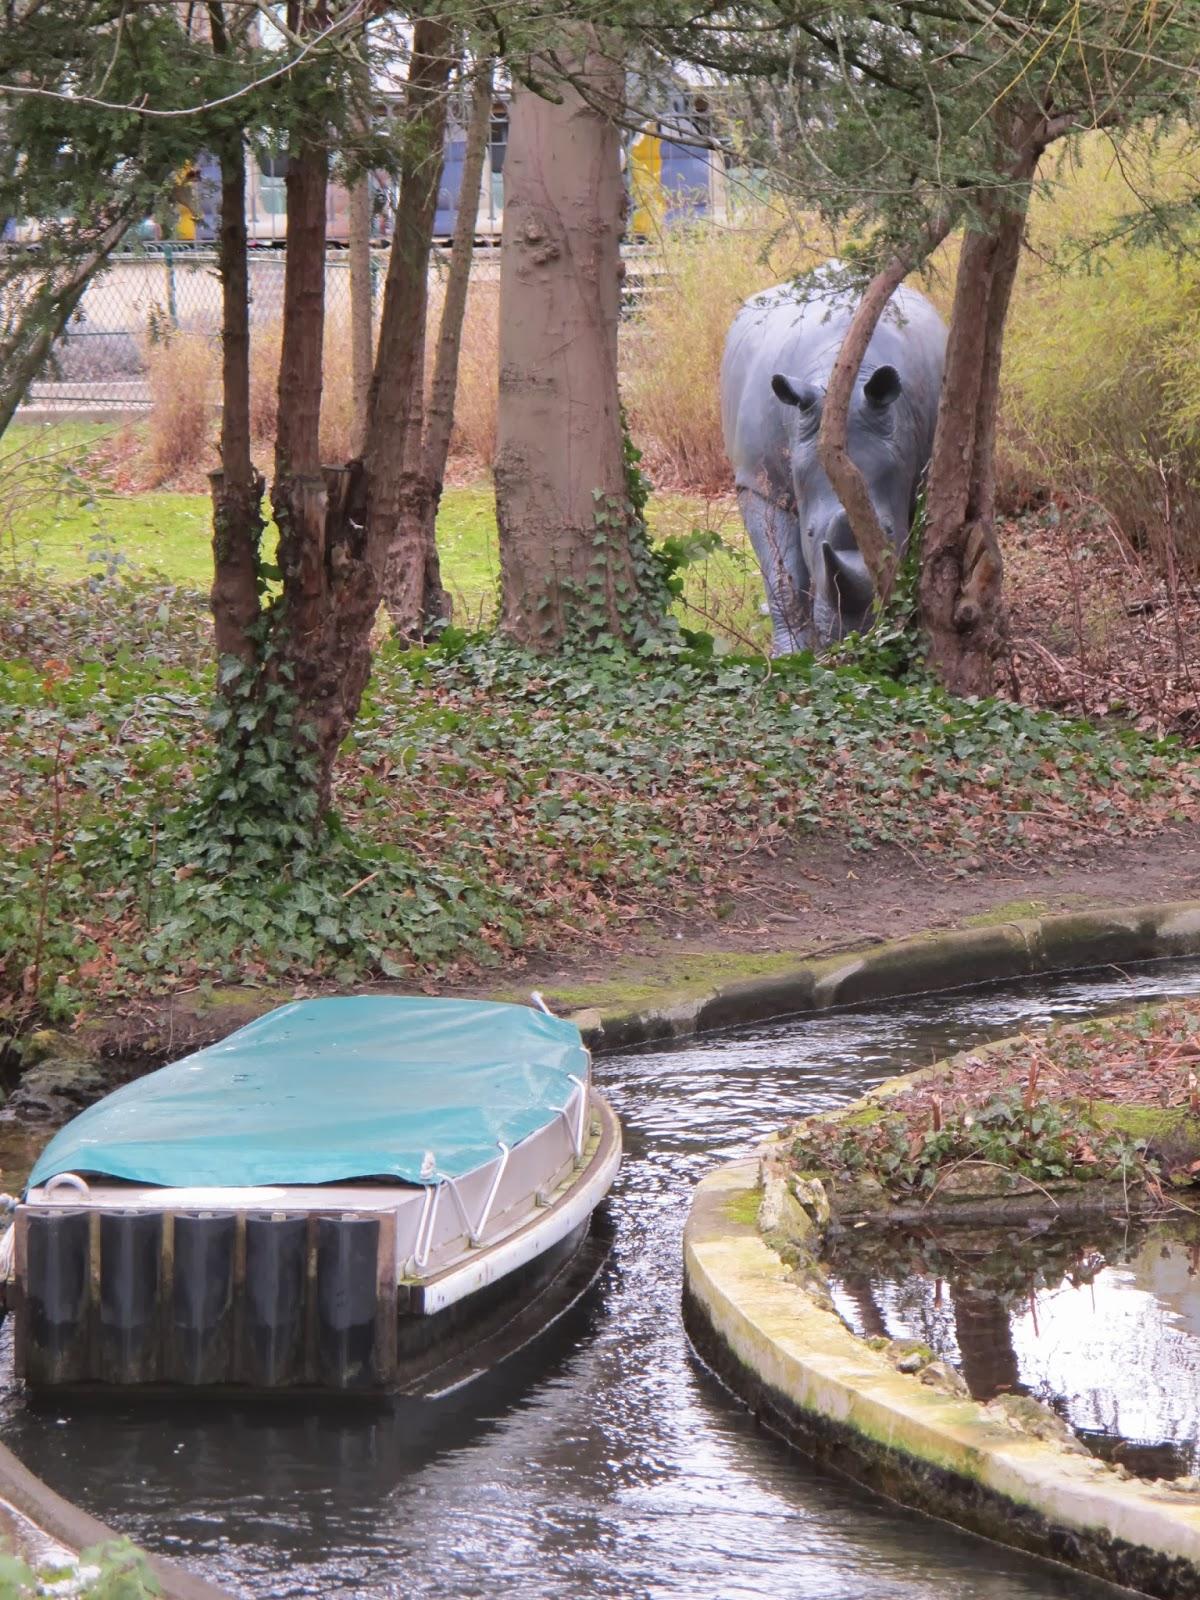 Les merveilles de danielle franck gerhy s 39 envole au jardin d 39 acclimatation de paris - Faire peur aux oiseaux jardin ...